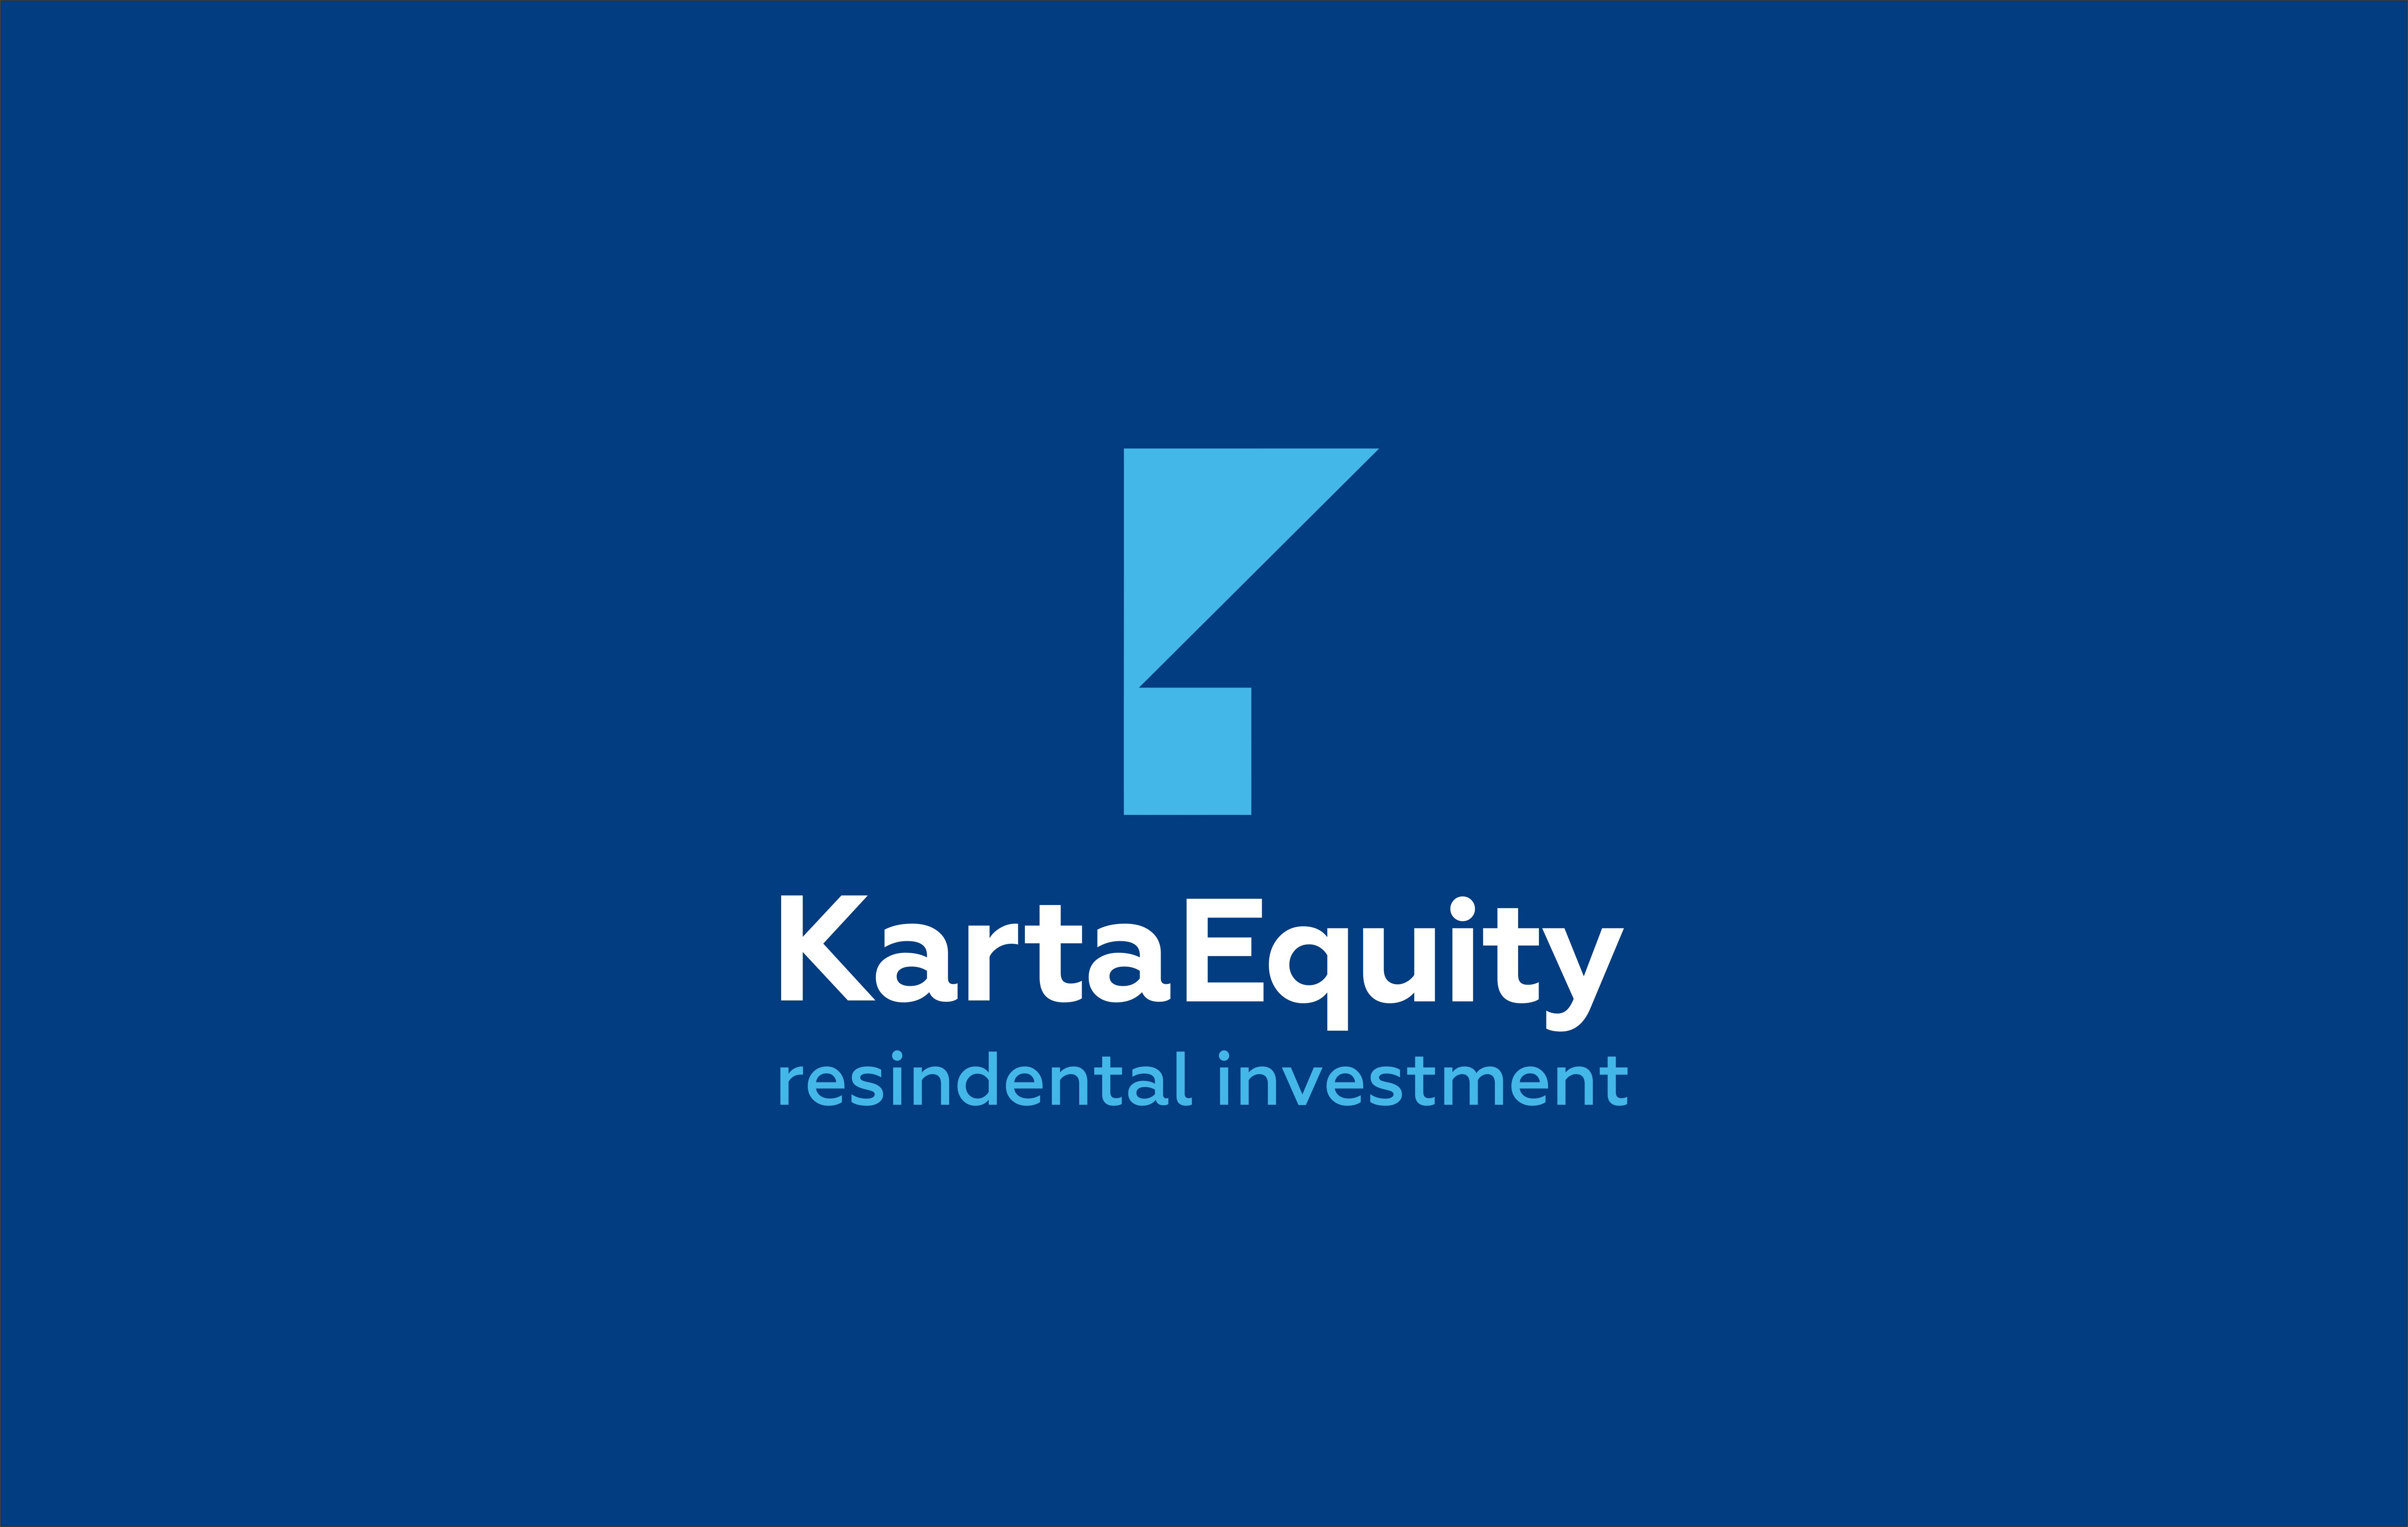 Логотип для компании инвестироваюшей в жилую недвижимость фото f_9455e17174818ea6.png